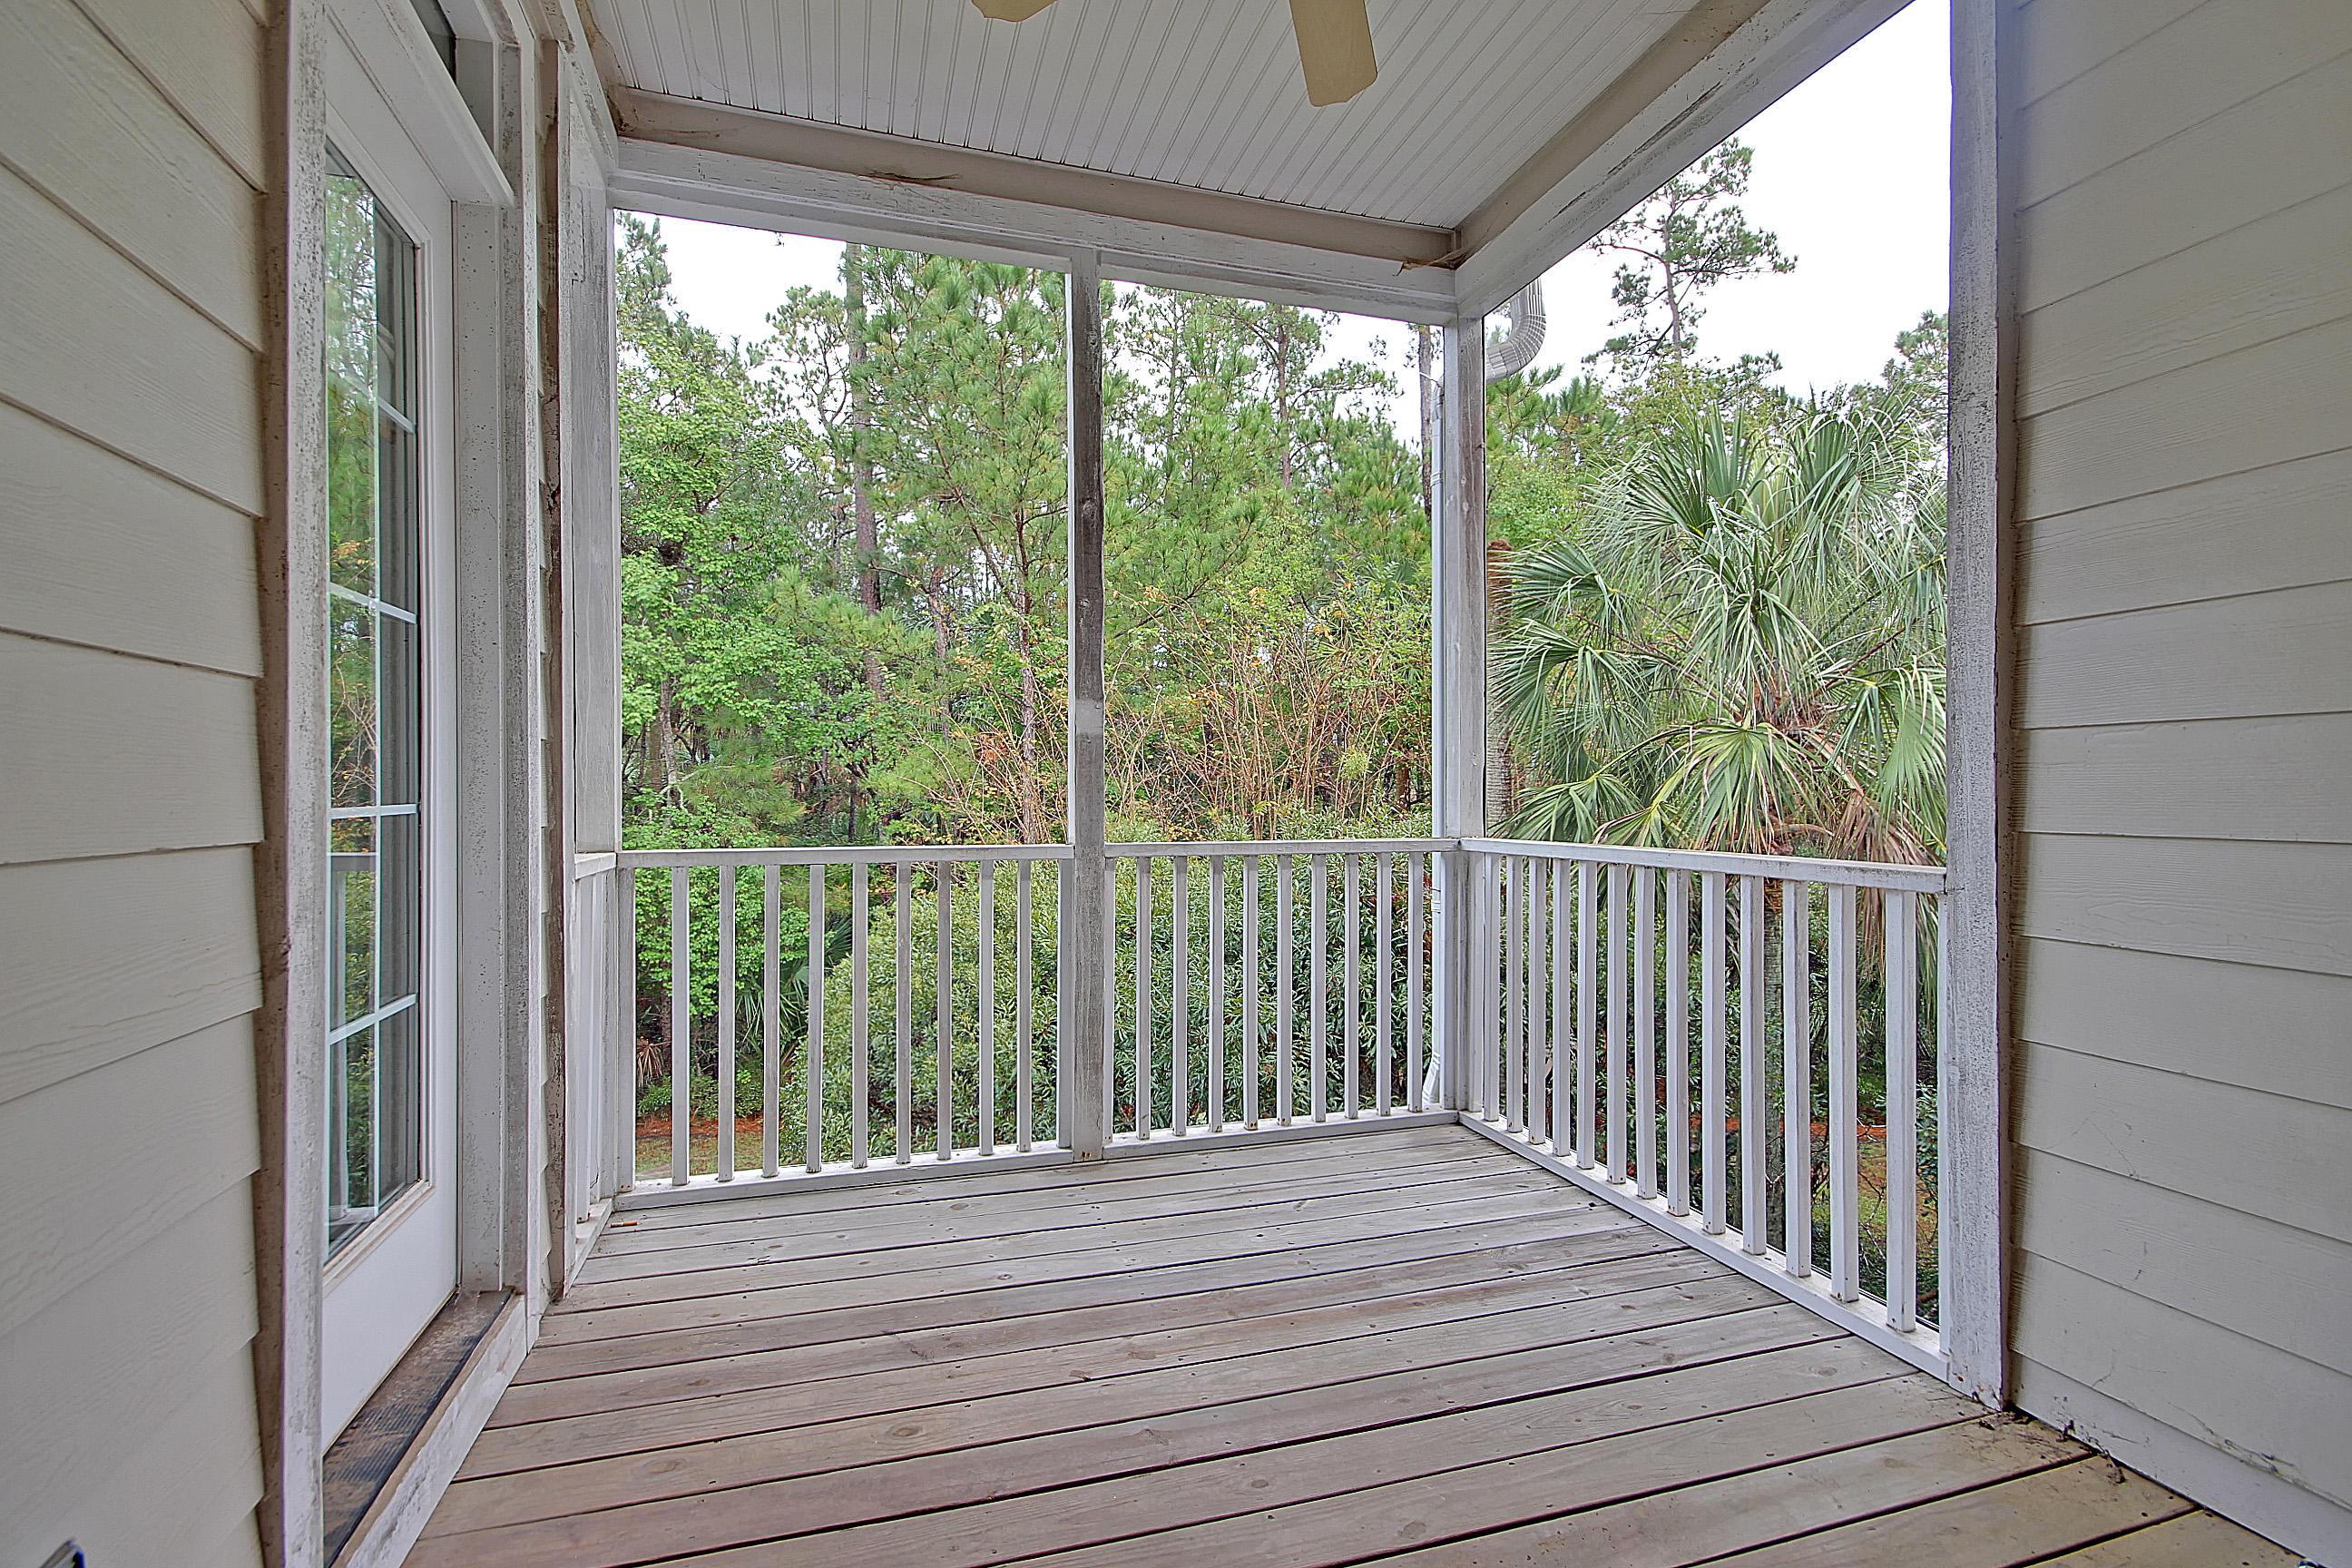 Dunes West Homes For Sale - 148 Palm Cove, Mount Pleasant, SC - 31